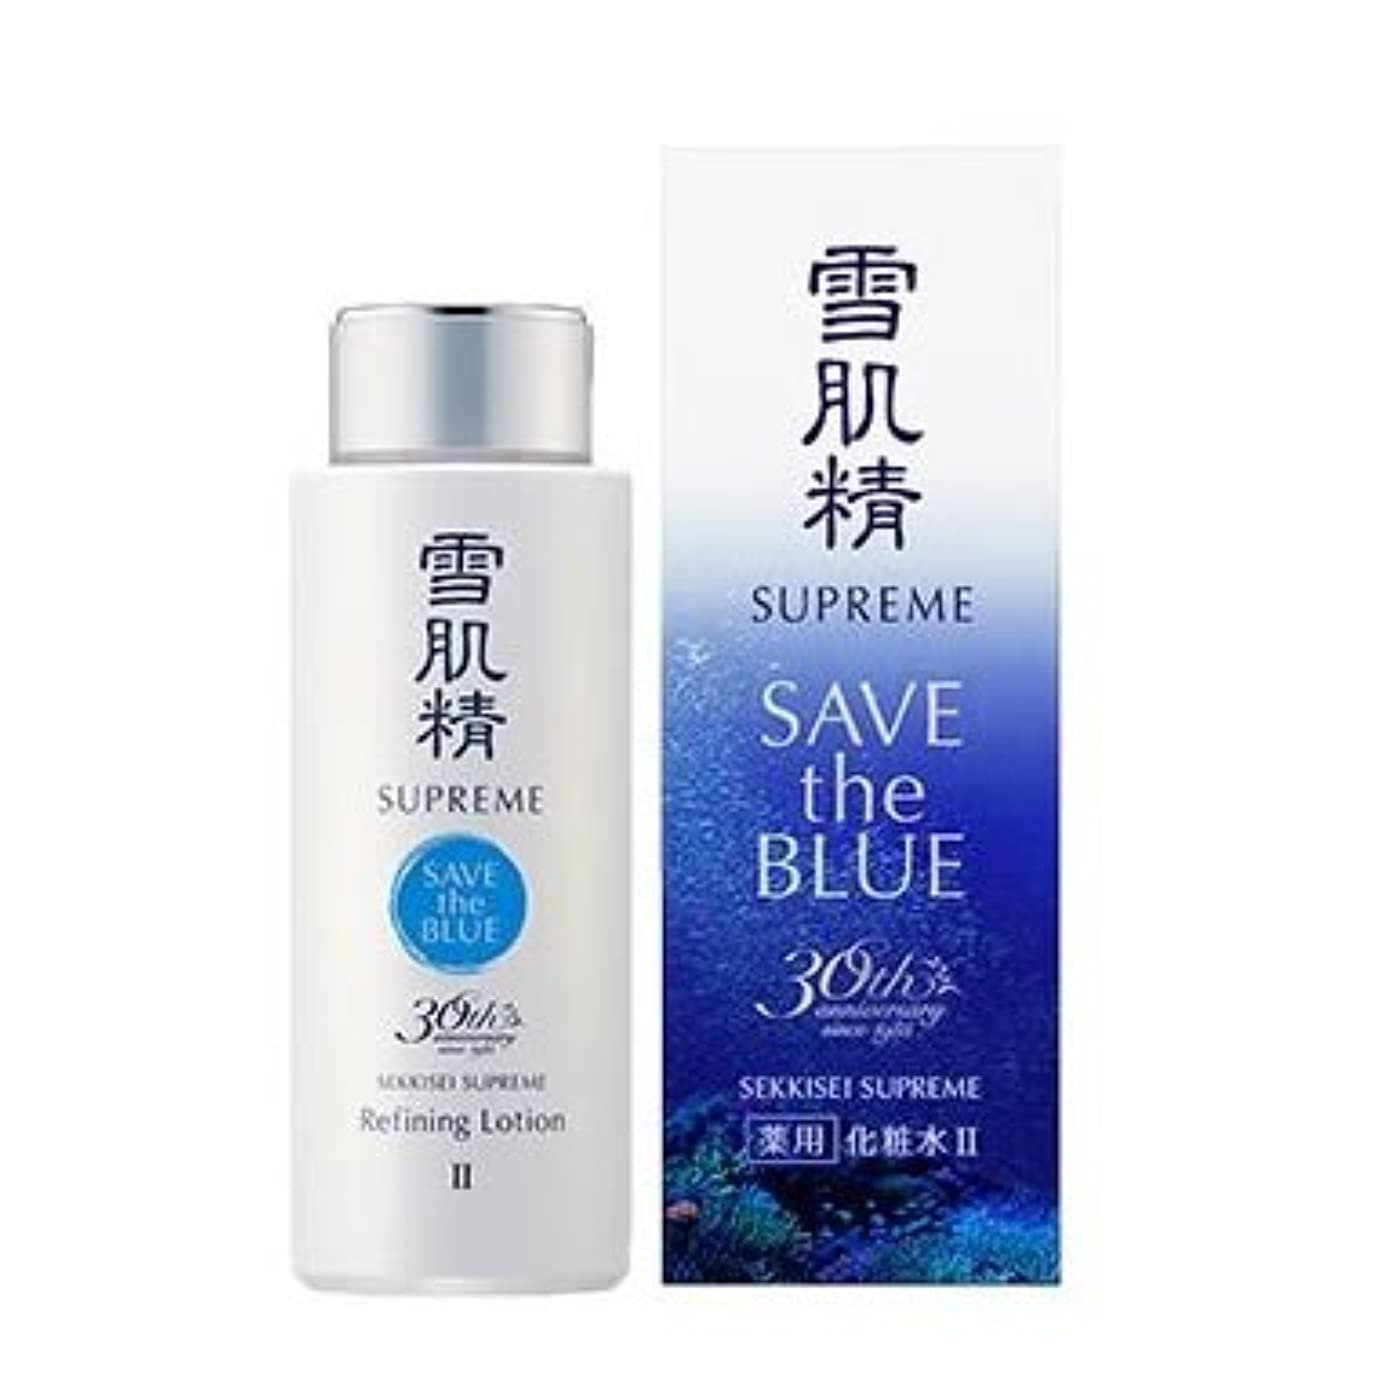 止まる置き場高価なコーセー 雪肌精シュープレム 化粧水 II 400ml 限定ボトル SAVE the BLUE 30th Anniversary [並行輸入品]